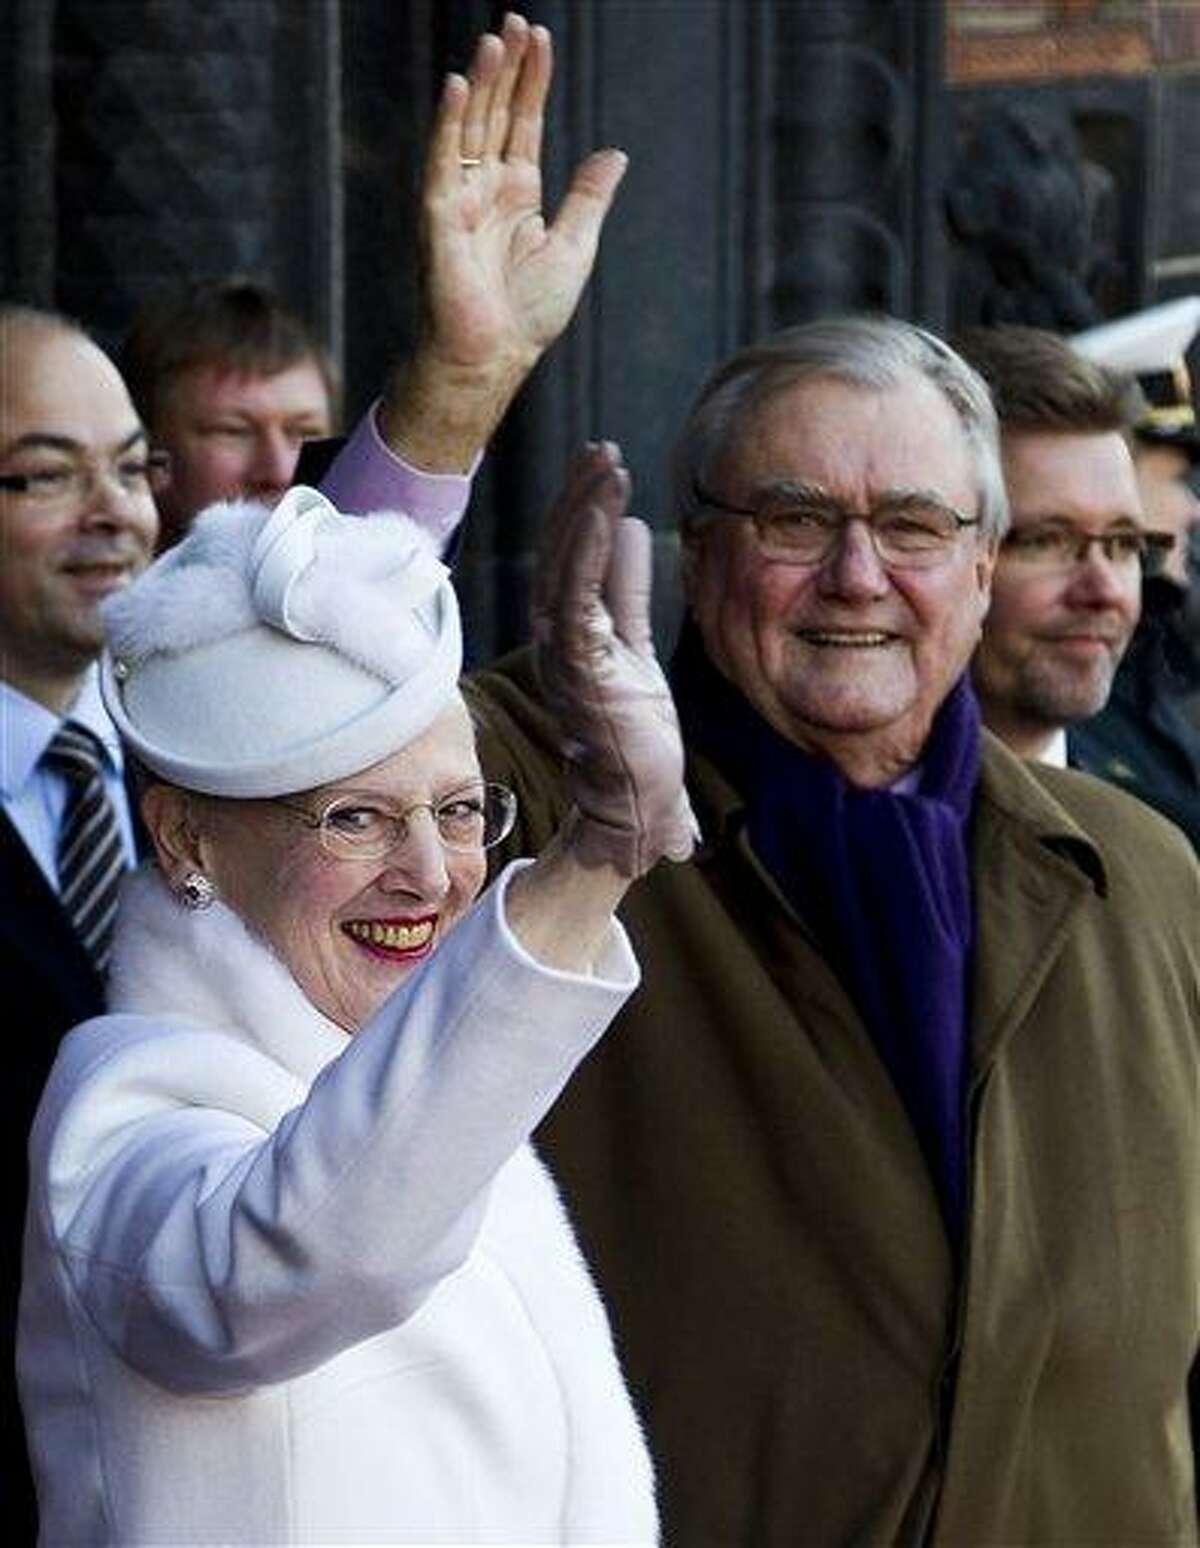 Danish Queen Margrethe and Prince Consort Henrik arrive at Copenhagen City Hall in Copenhagen Saturday. The Danish queen celebrates her 40th jubilee this weekend. Associated Press